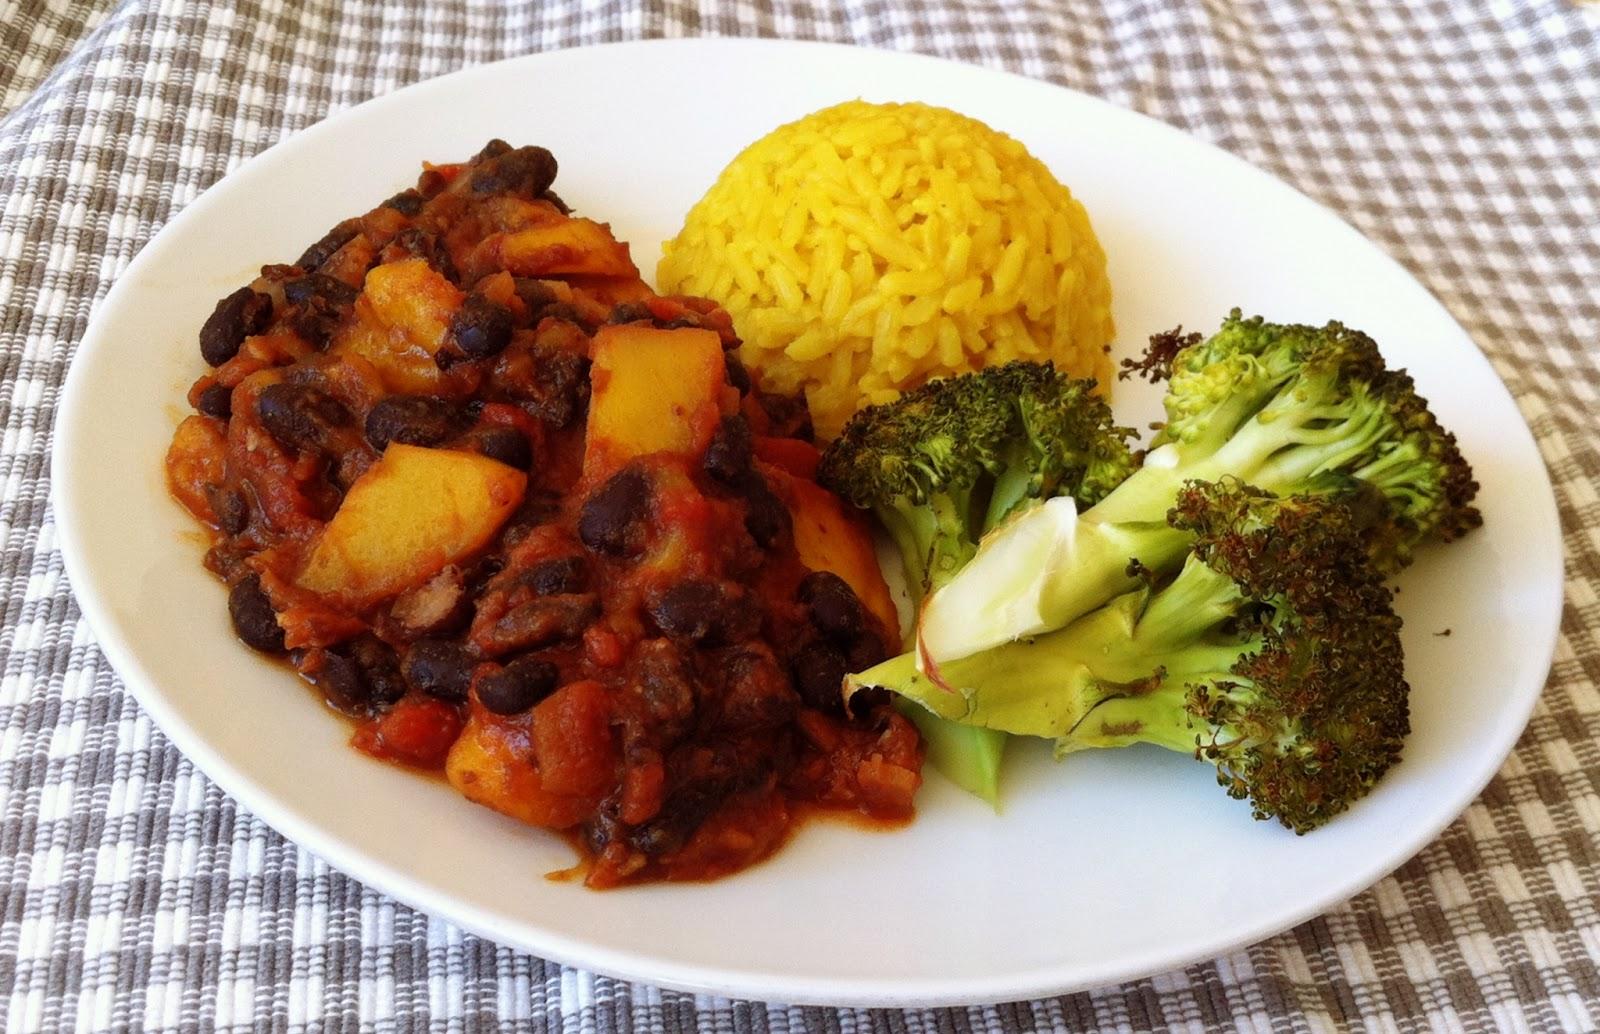 De plantaardige keuken: zwarte bonen met mango & een vleugje bbq